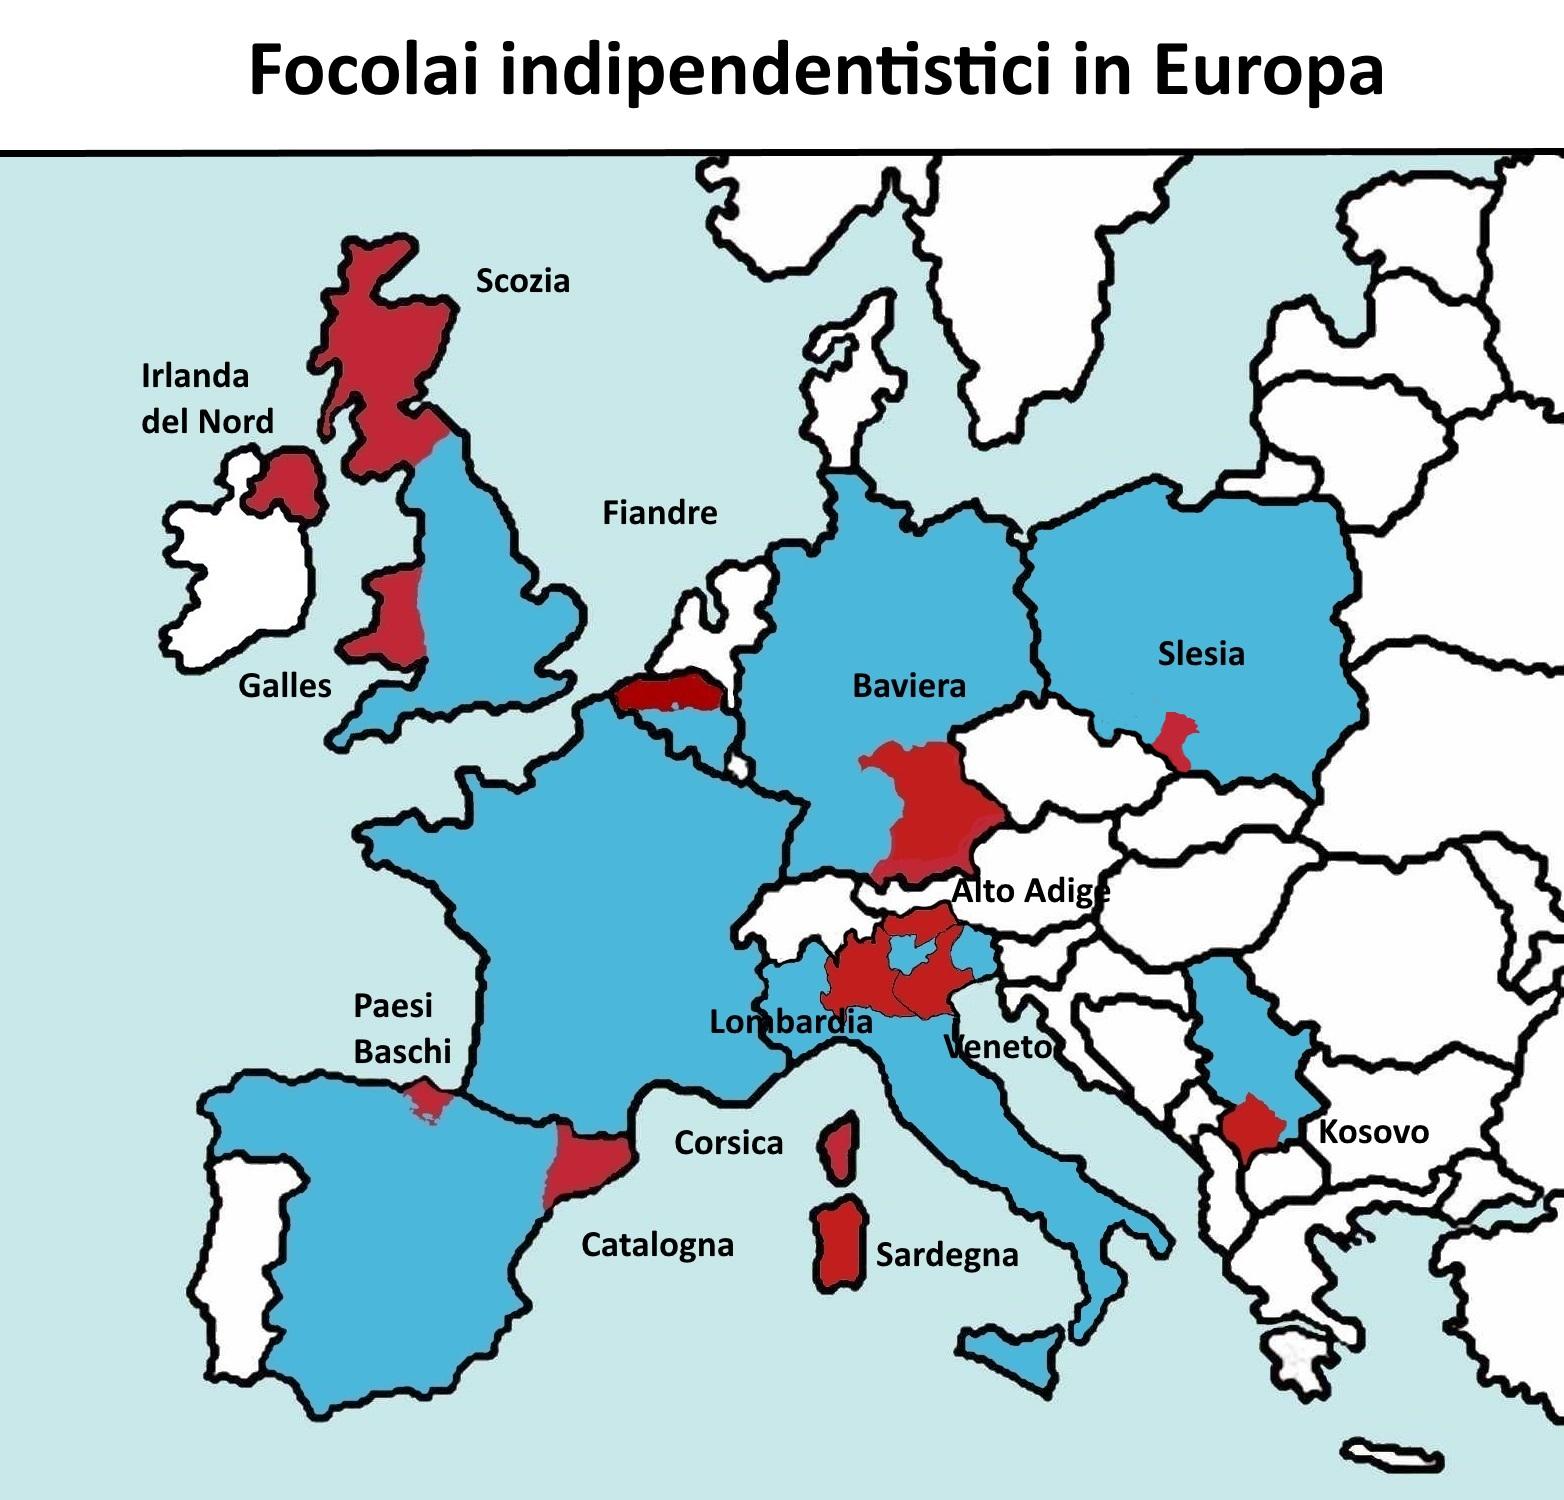 Cartina Catalogna.Il Caso Catalogna E L Europa Unita Pensalibero It